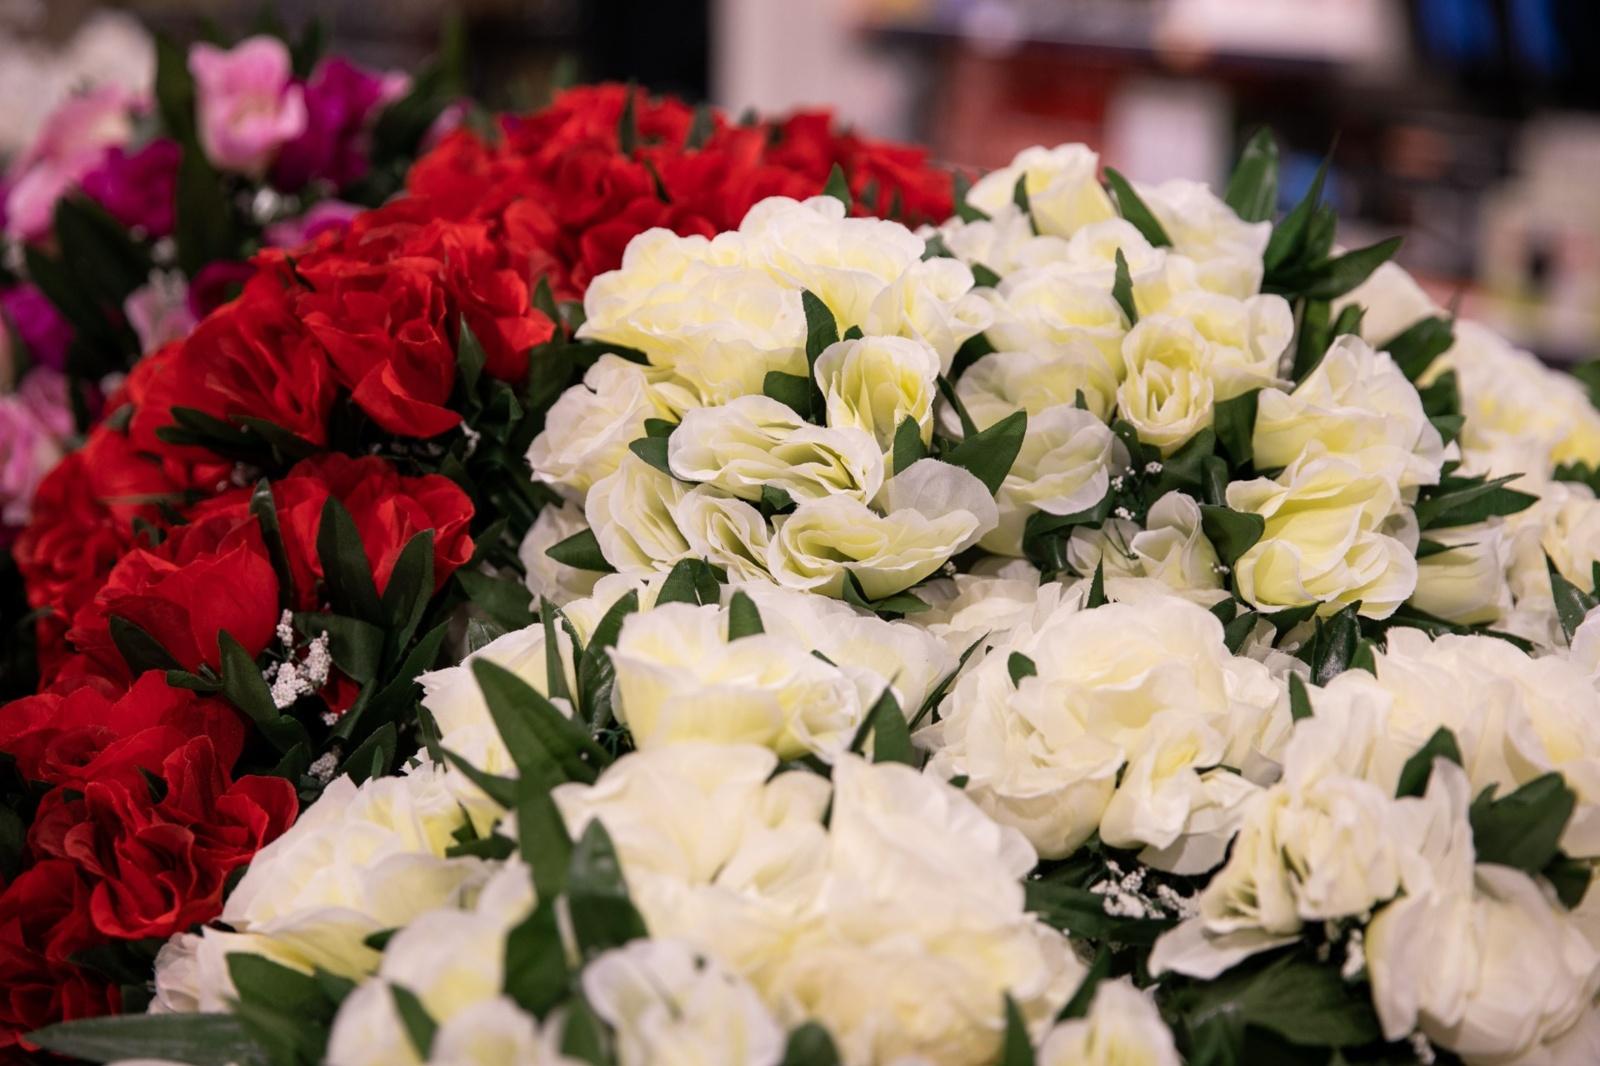 Dirbtinės gėlės – vis populiaresnės: kaip išsirinkti ir tinkamai prižiūrėti?